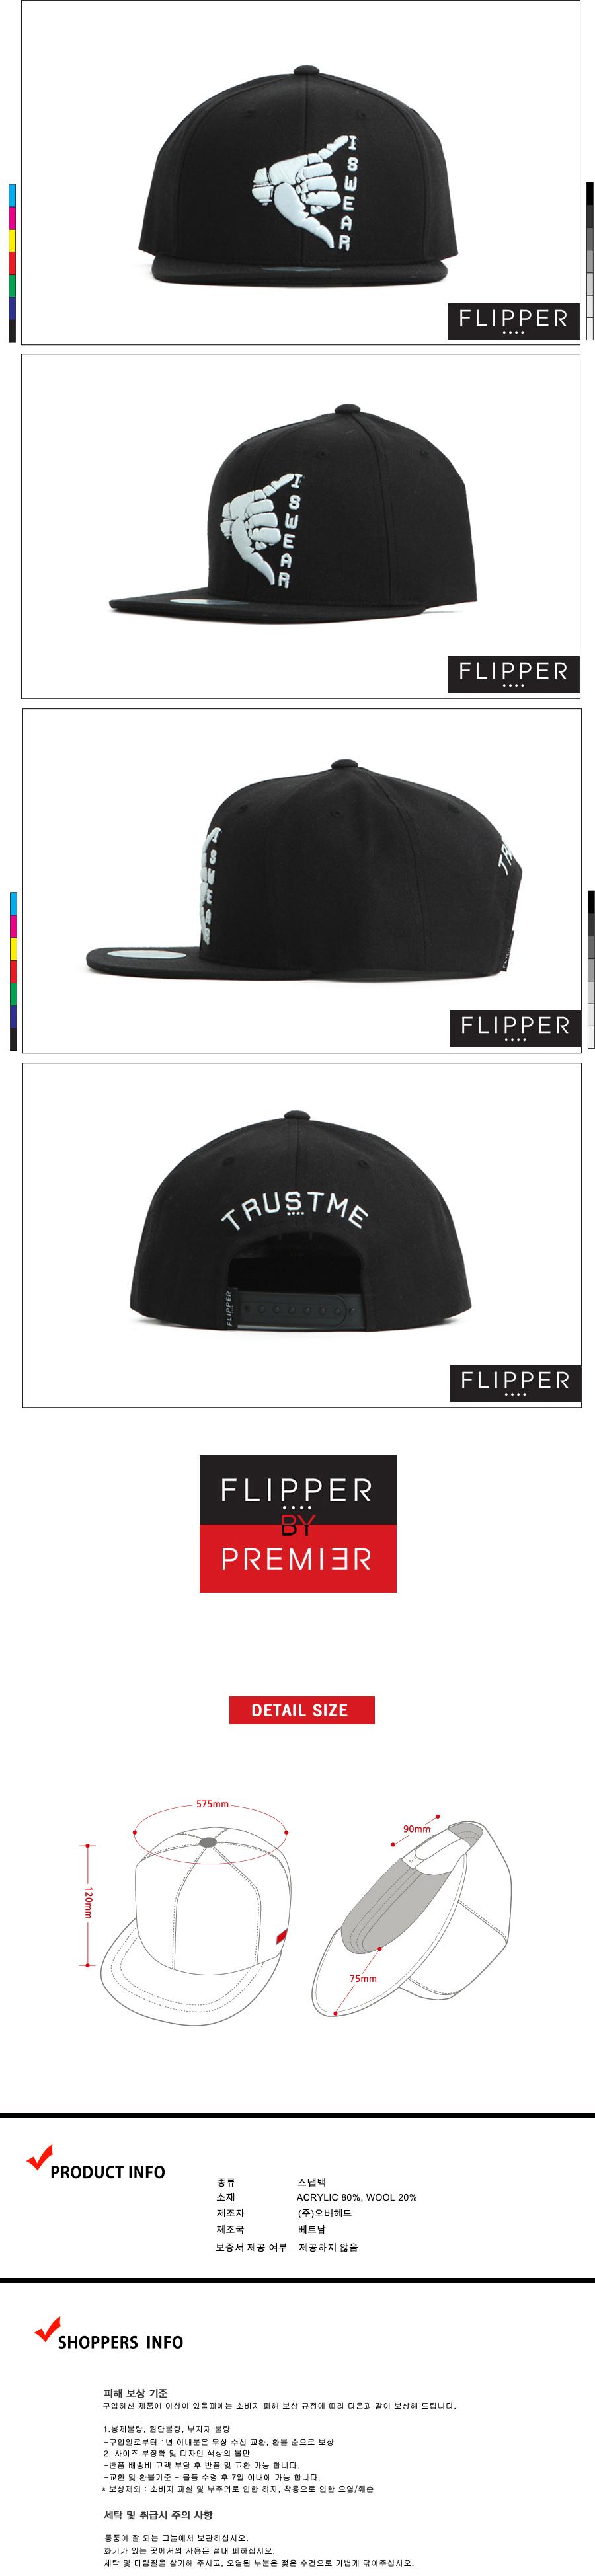 [ PREMIER ] [Premier] Flipper Snapback Swear Black (FL028)